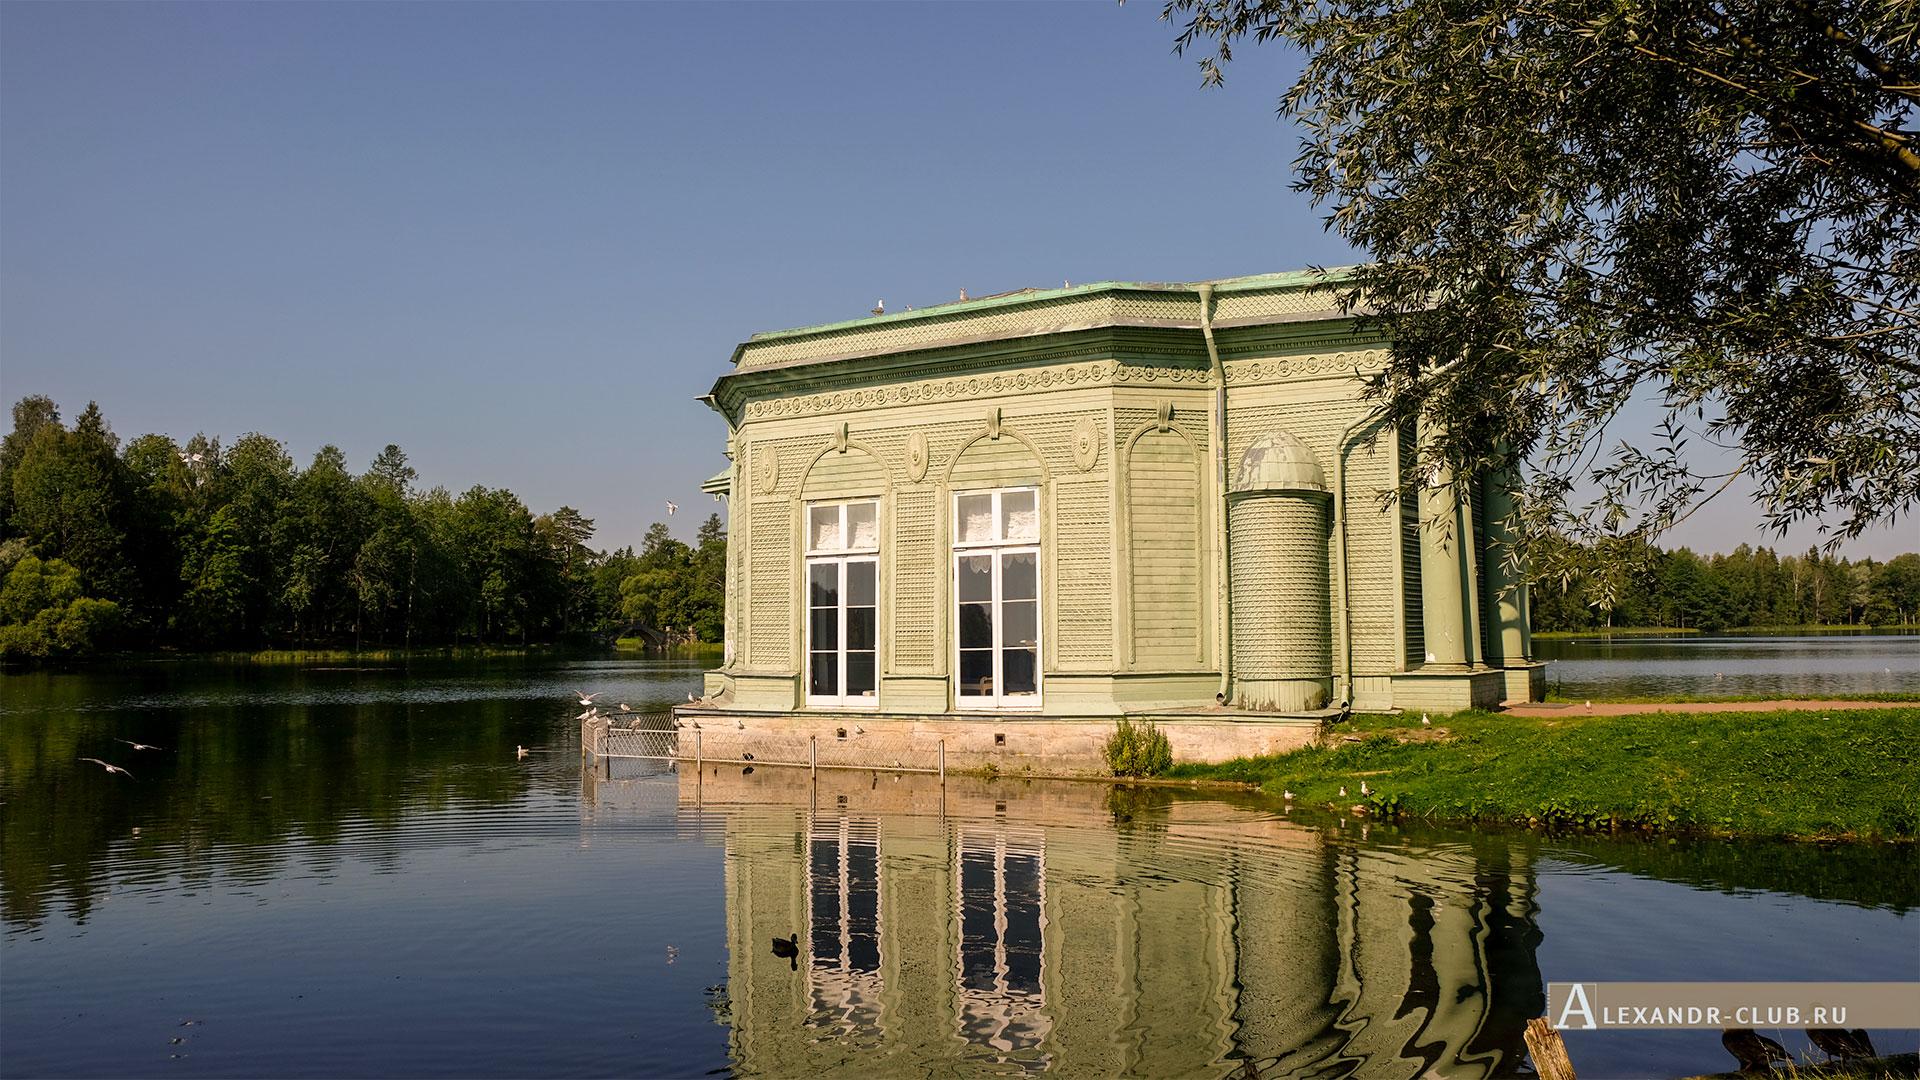 Гатчинский парк, лето, Павильон Венеры